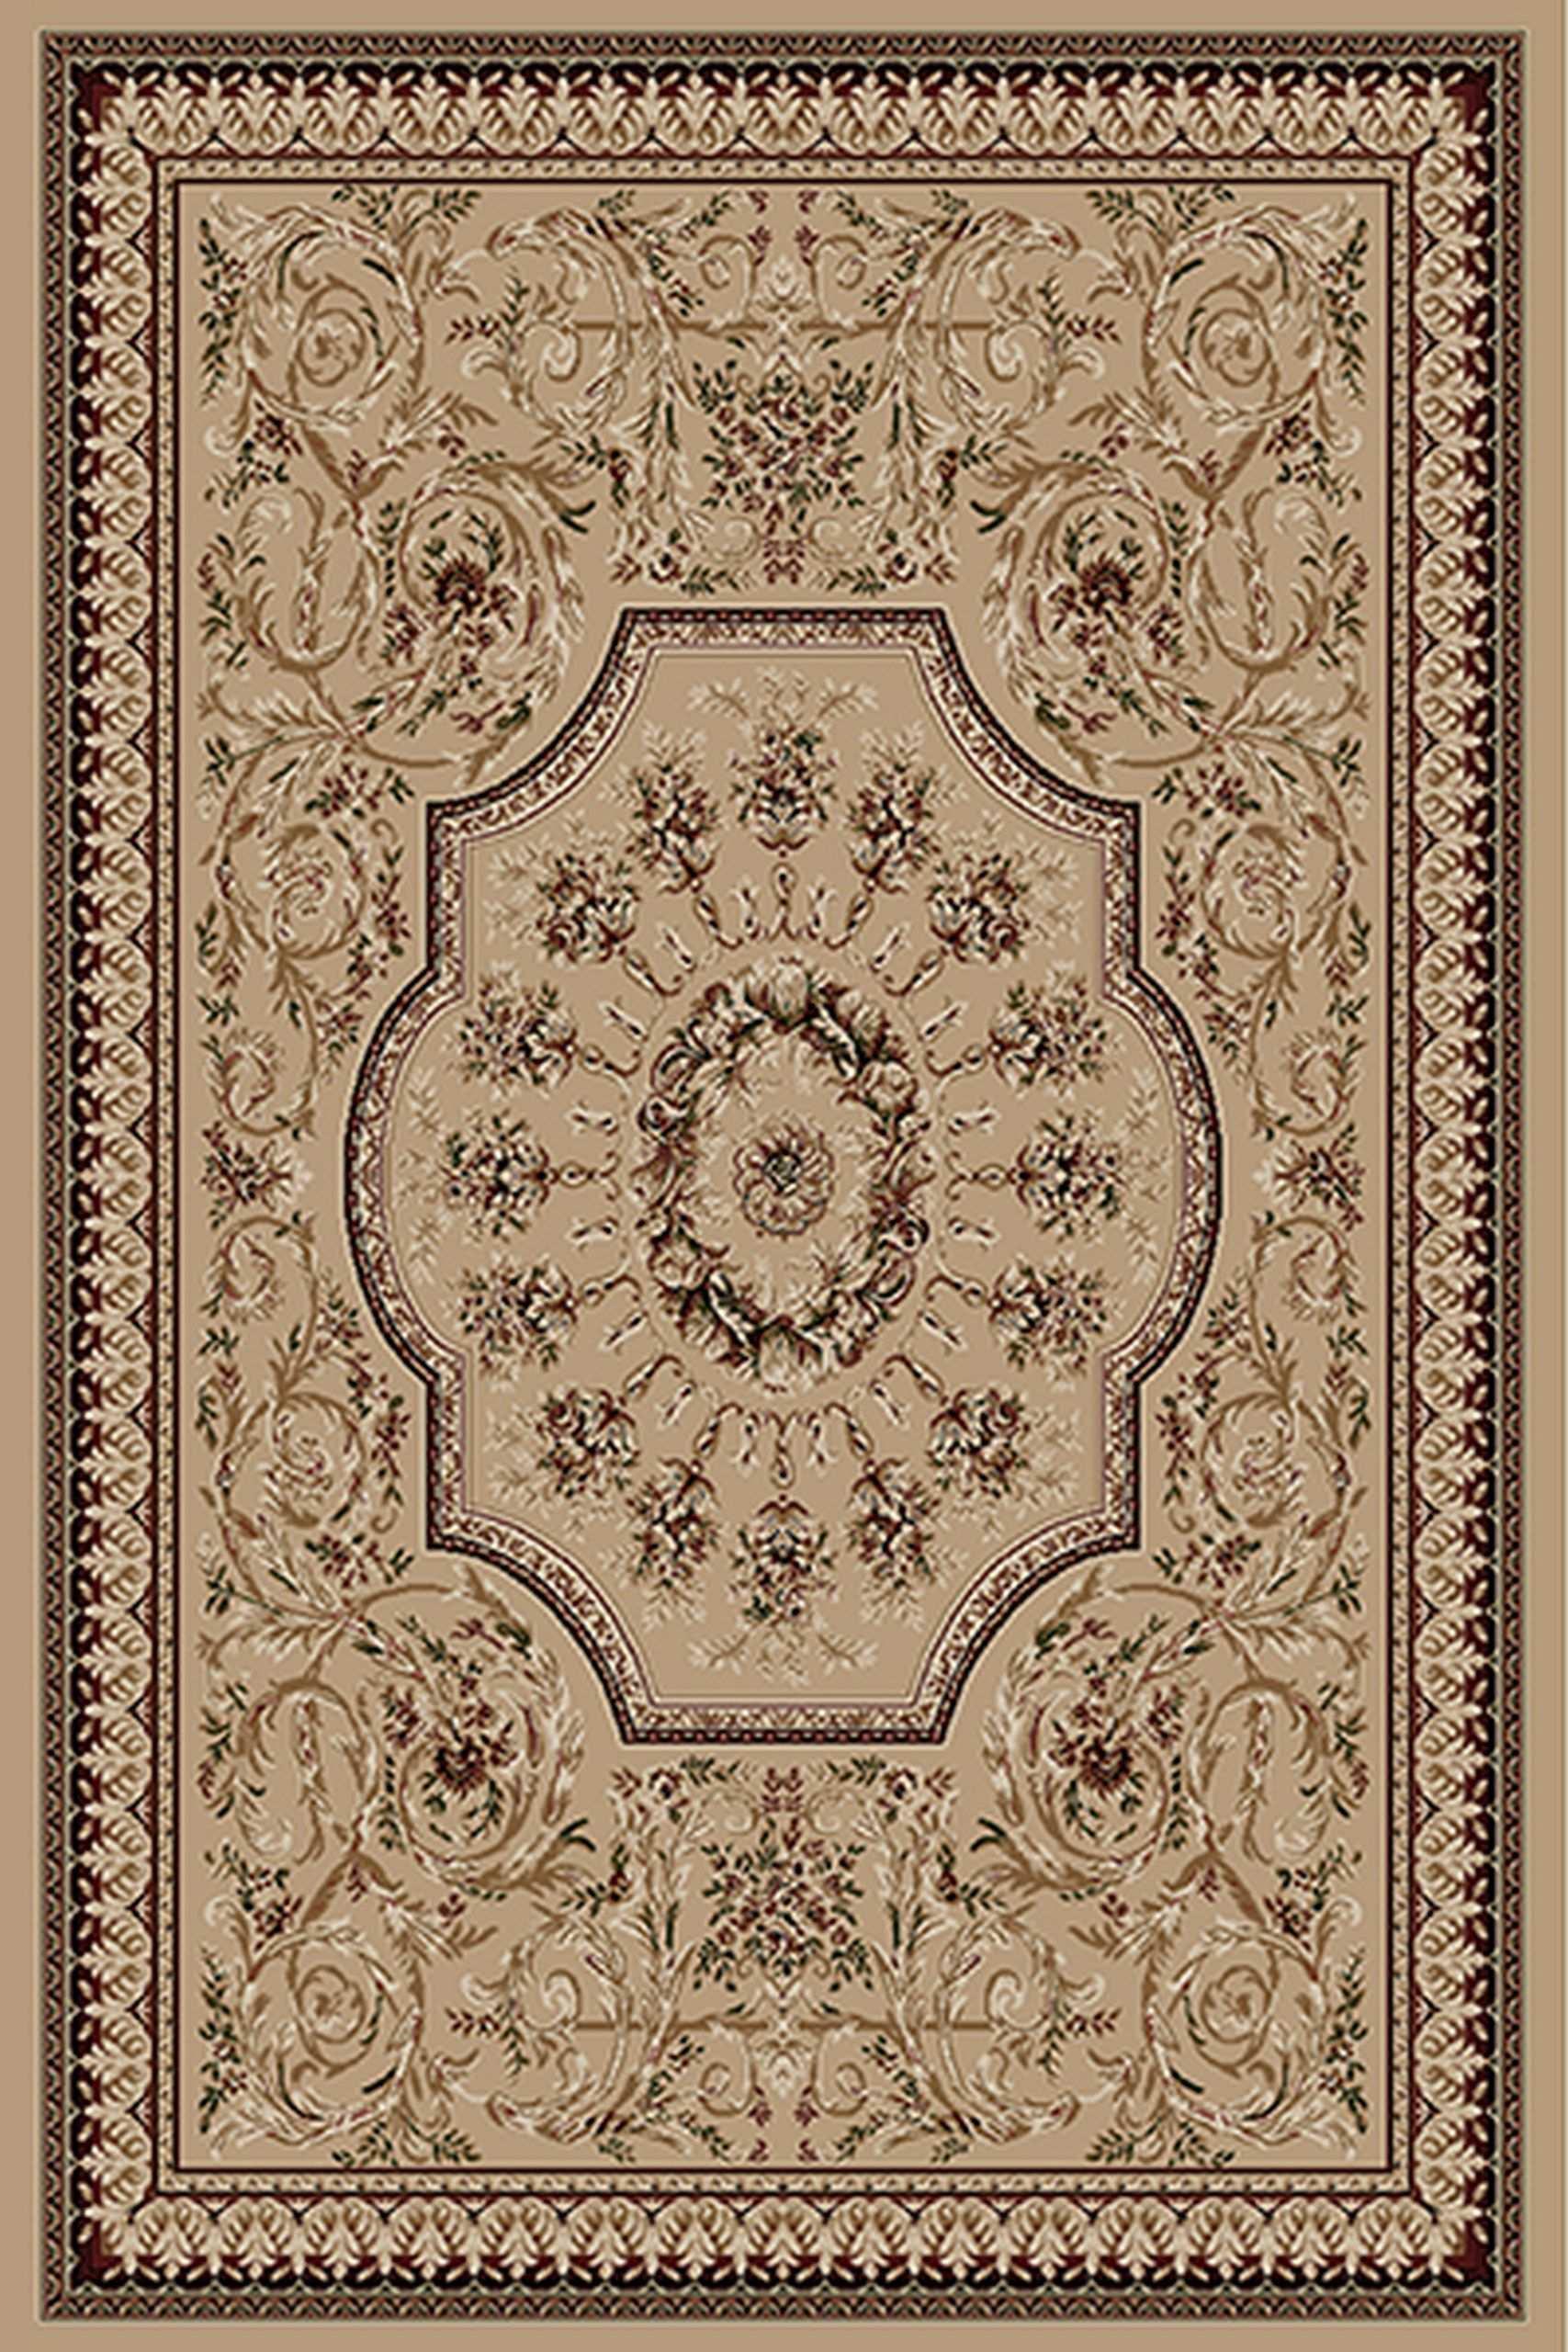 Full Size of Klassischer Orientalischer Teppich Marrakesh 0209 Schlafzimmer Für Küche Badezimmer Steinteppich Bad Wohnzimmer Esstisch Teppiche Wohnzimmer Teppich 300x400